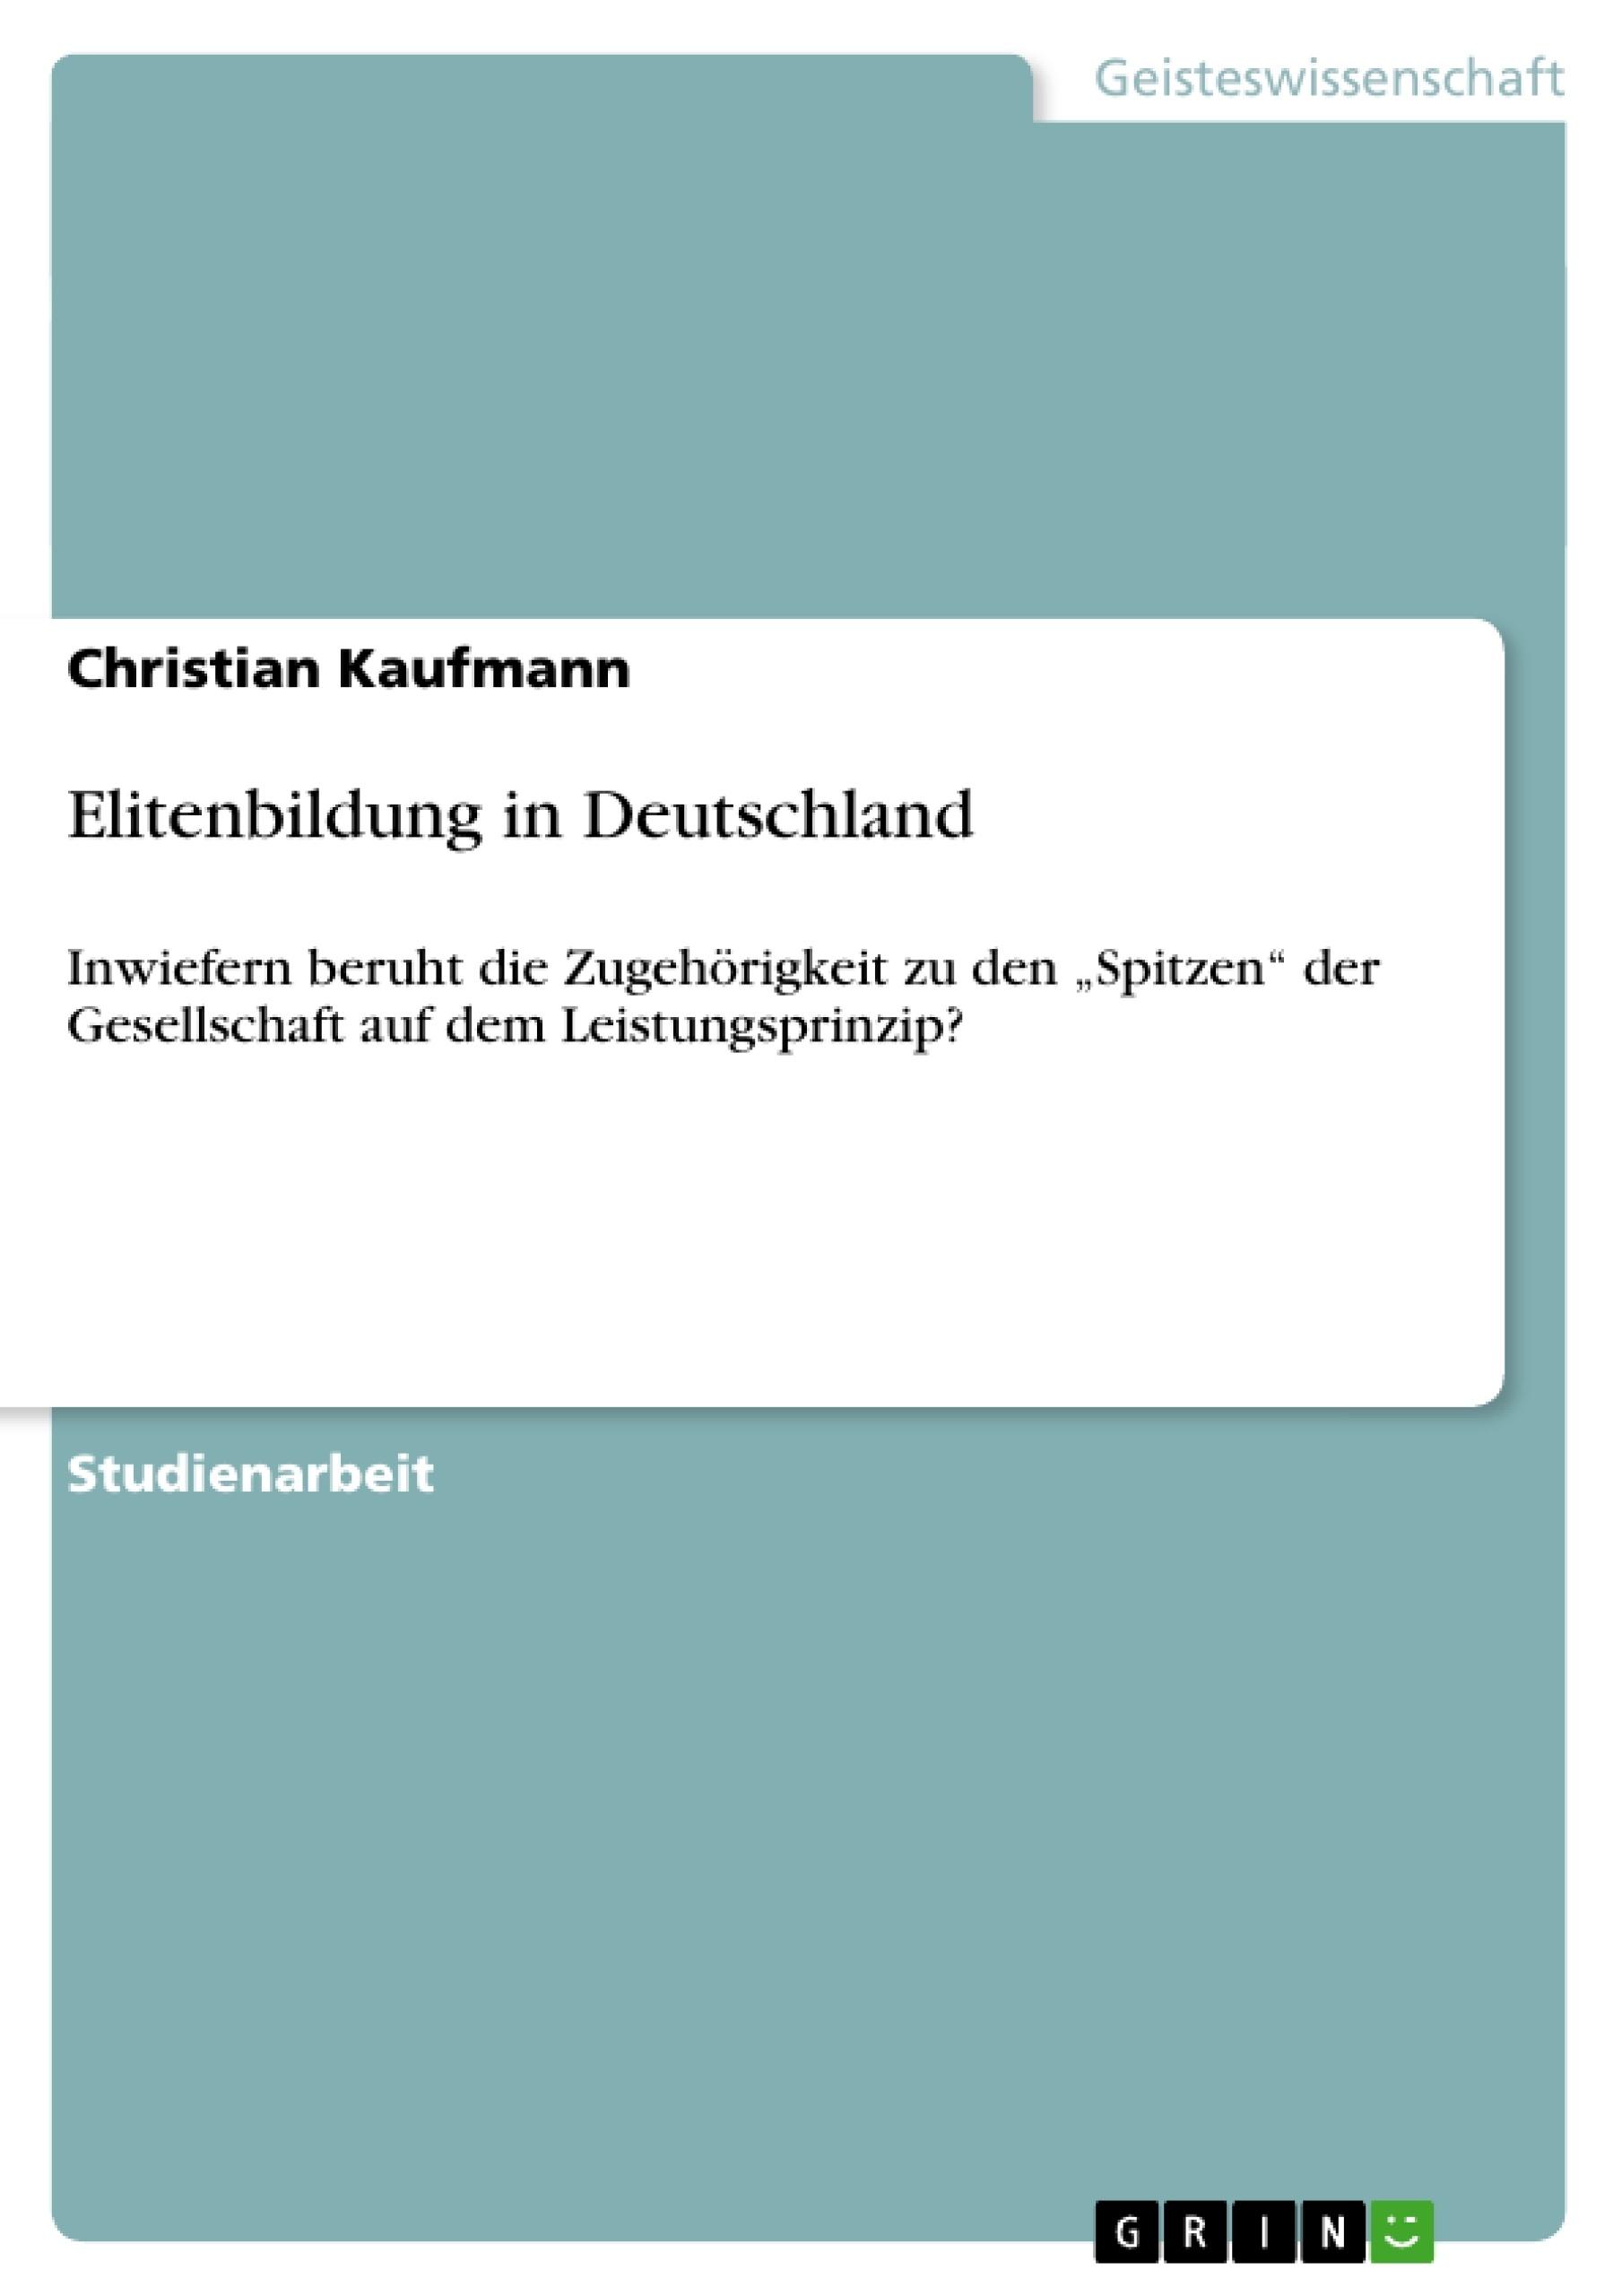 Titel: Elitenbildung in Deutschland